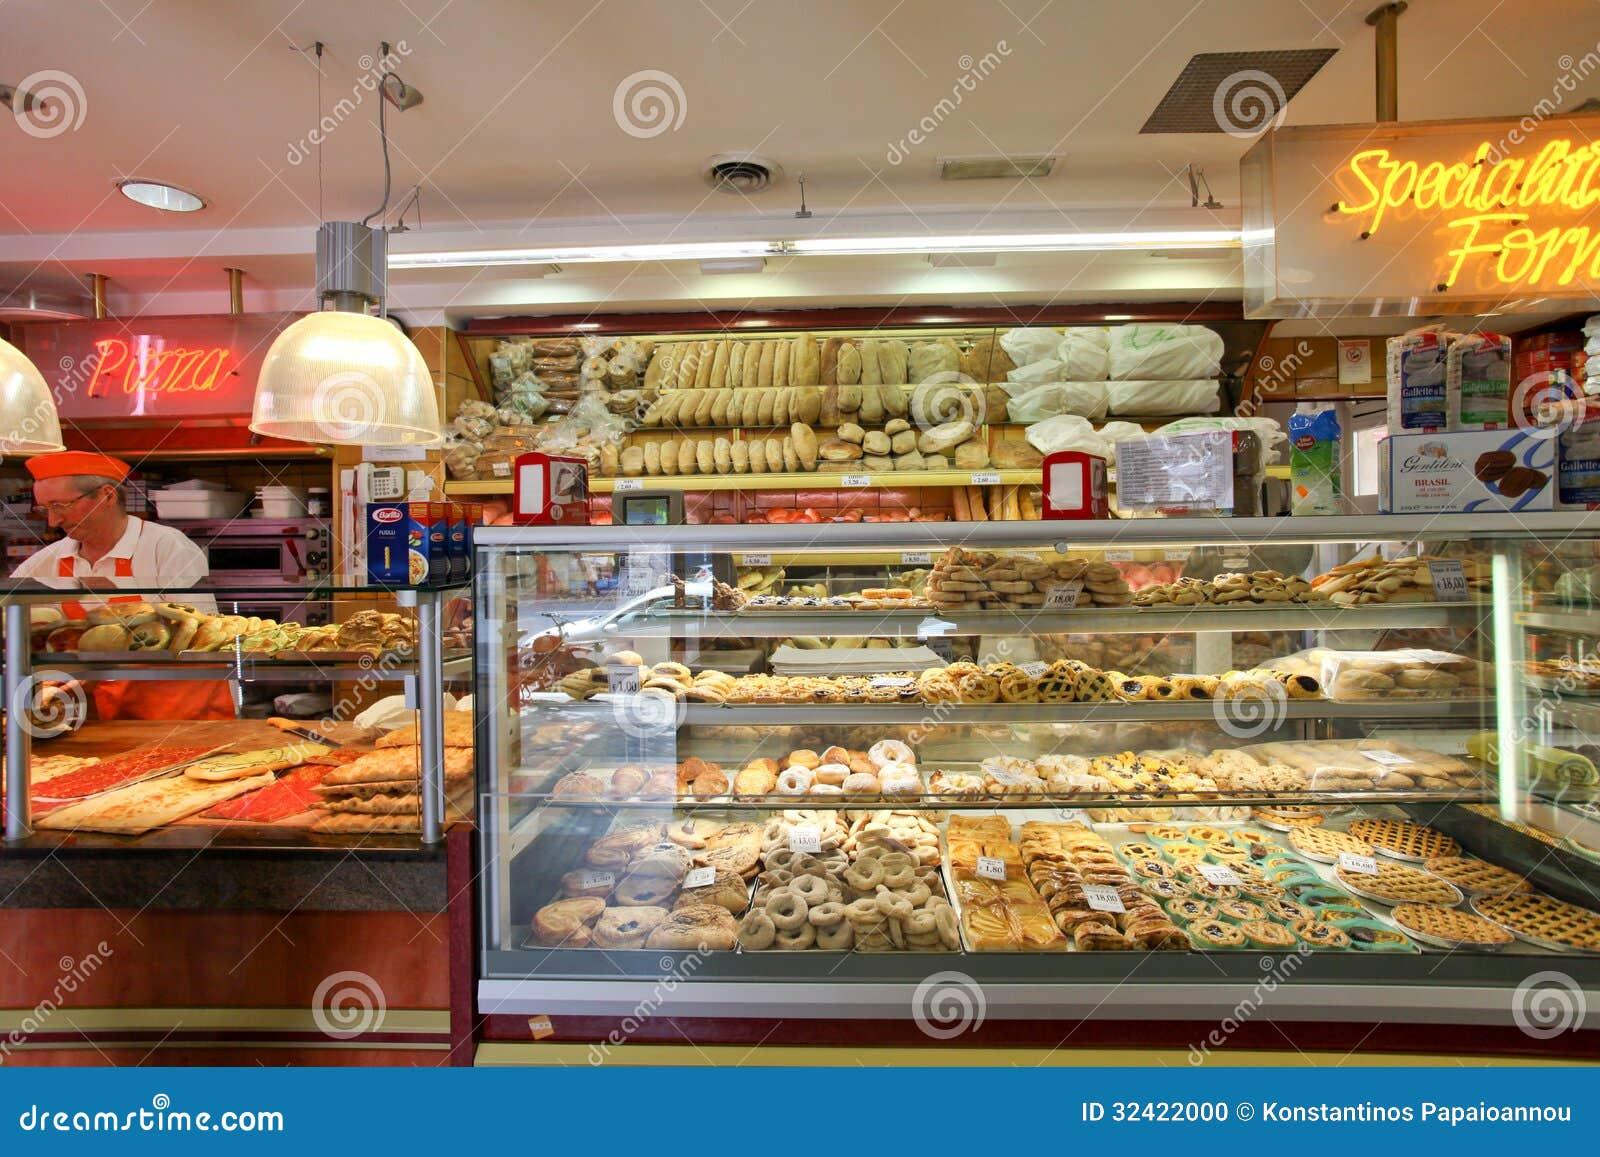 Italienischer Bäckereishop